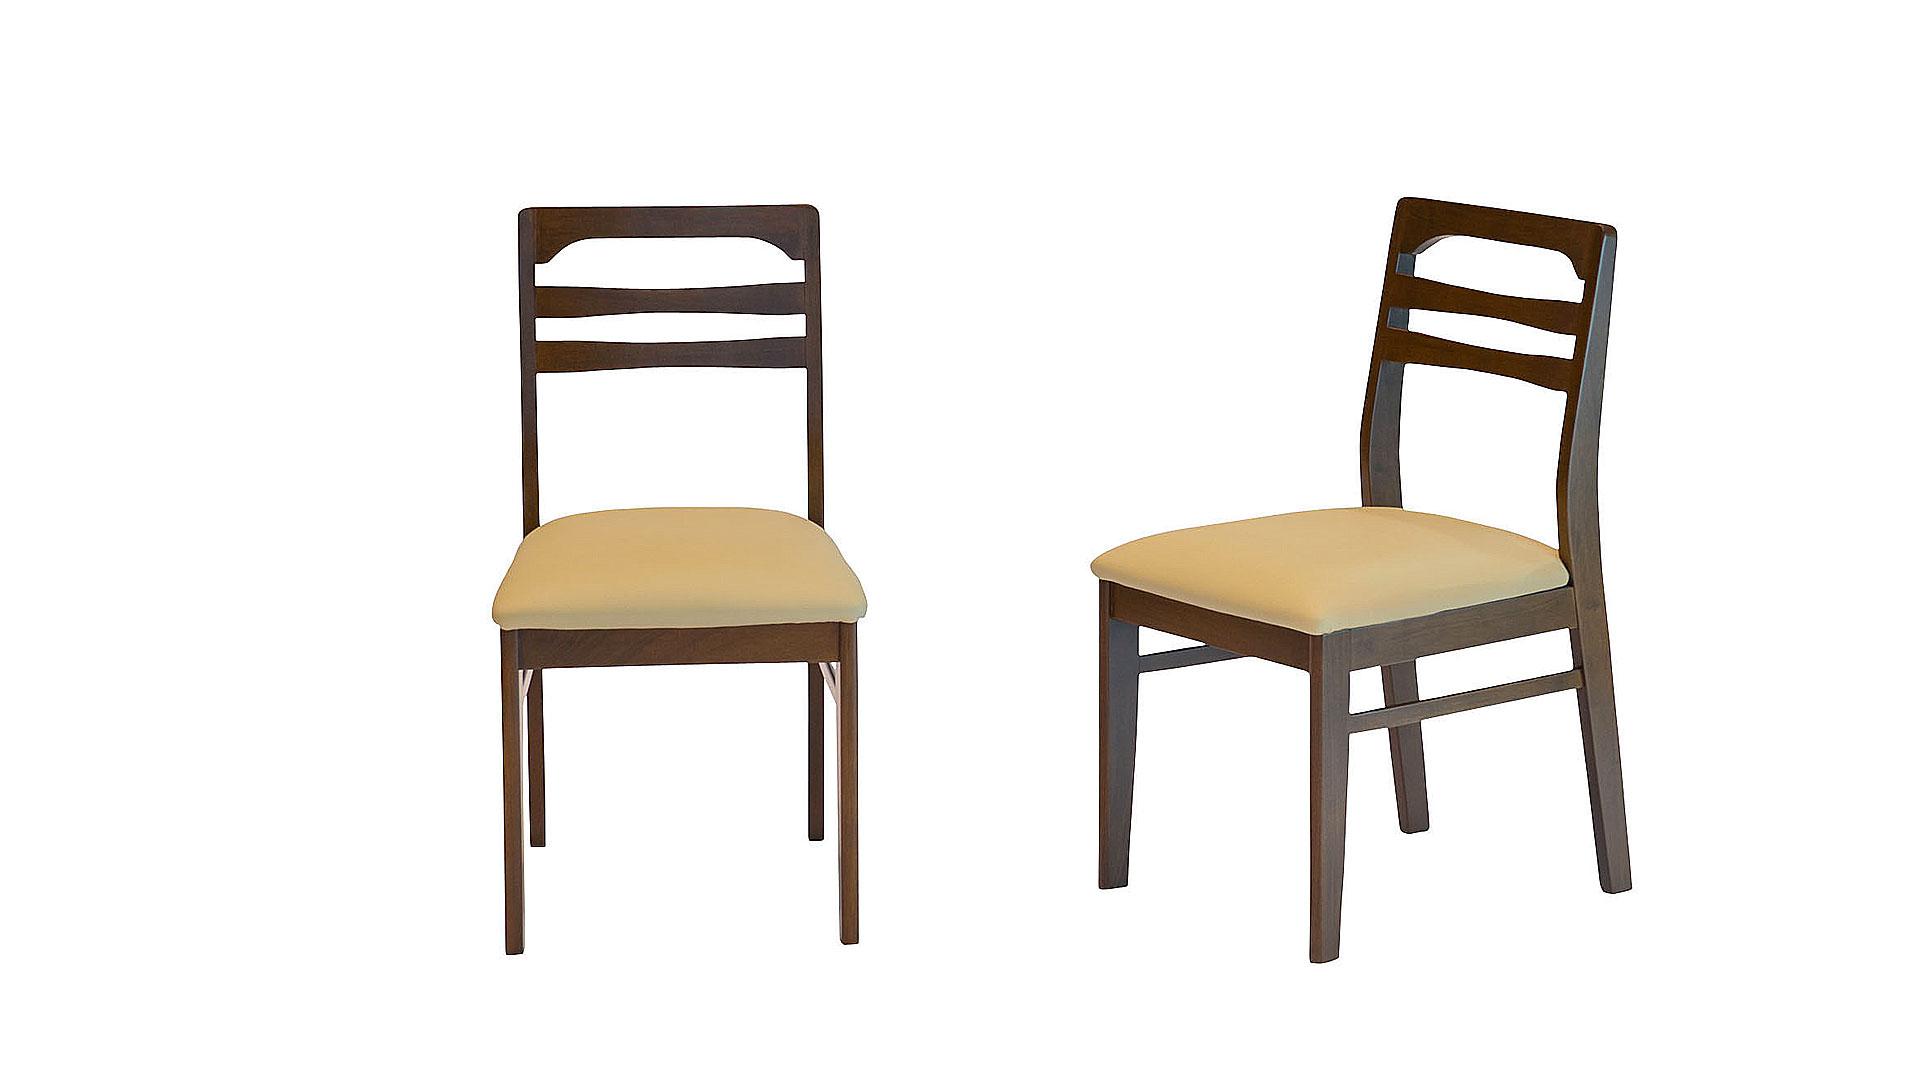 リビンズのダイニングセット「ルイス」の椅子の画像